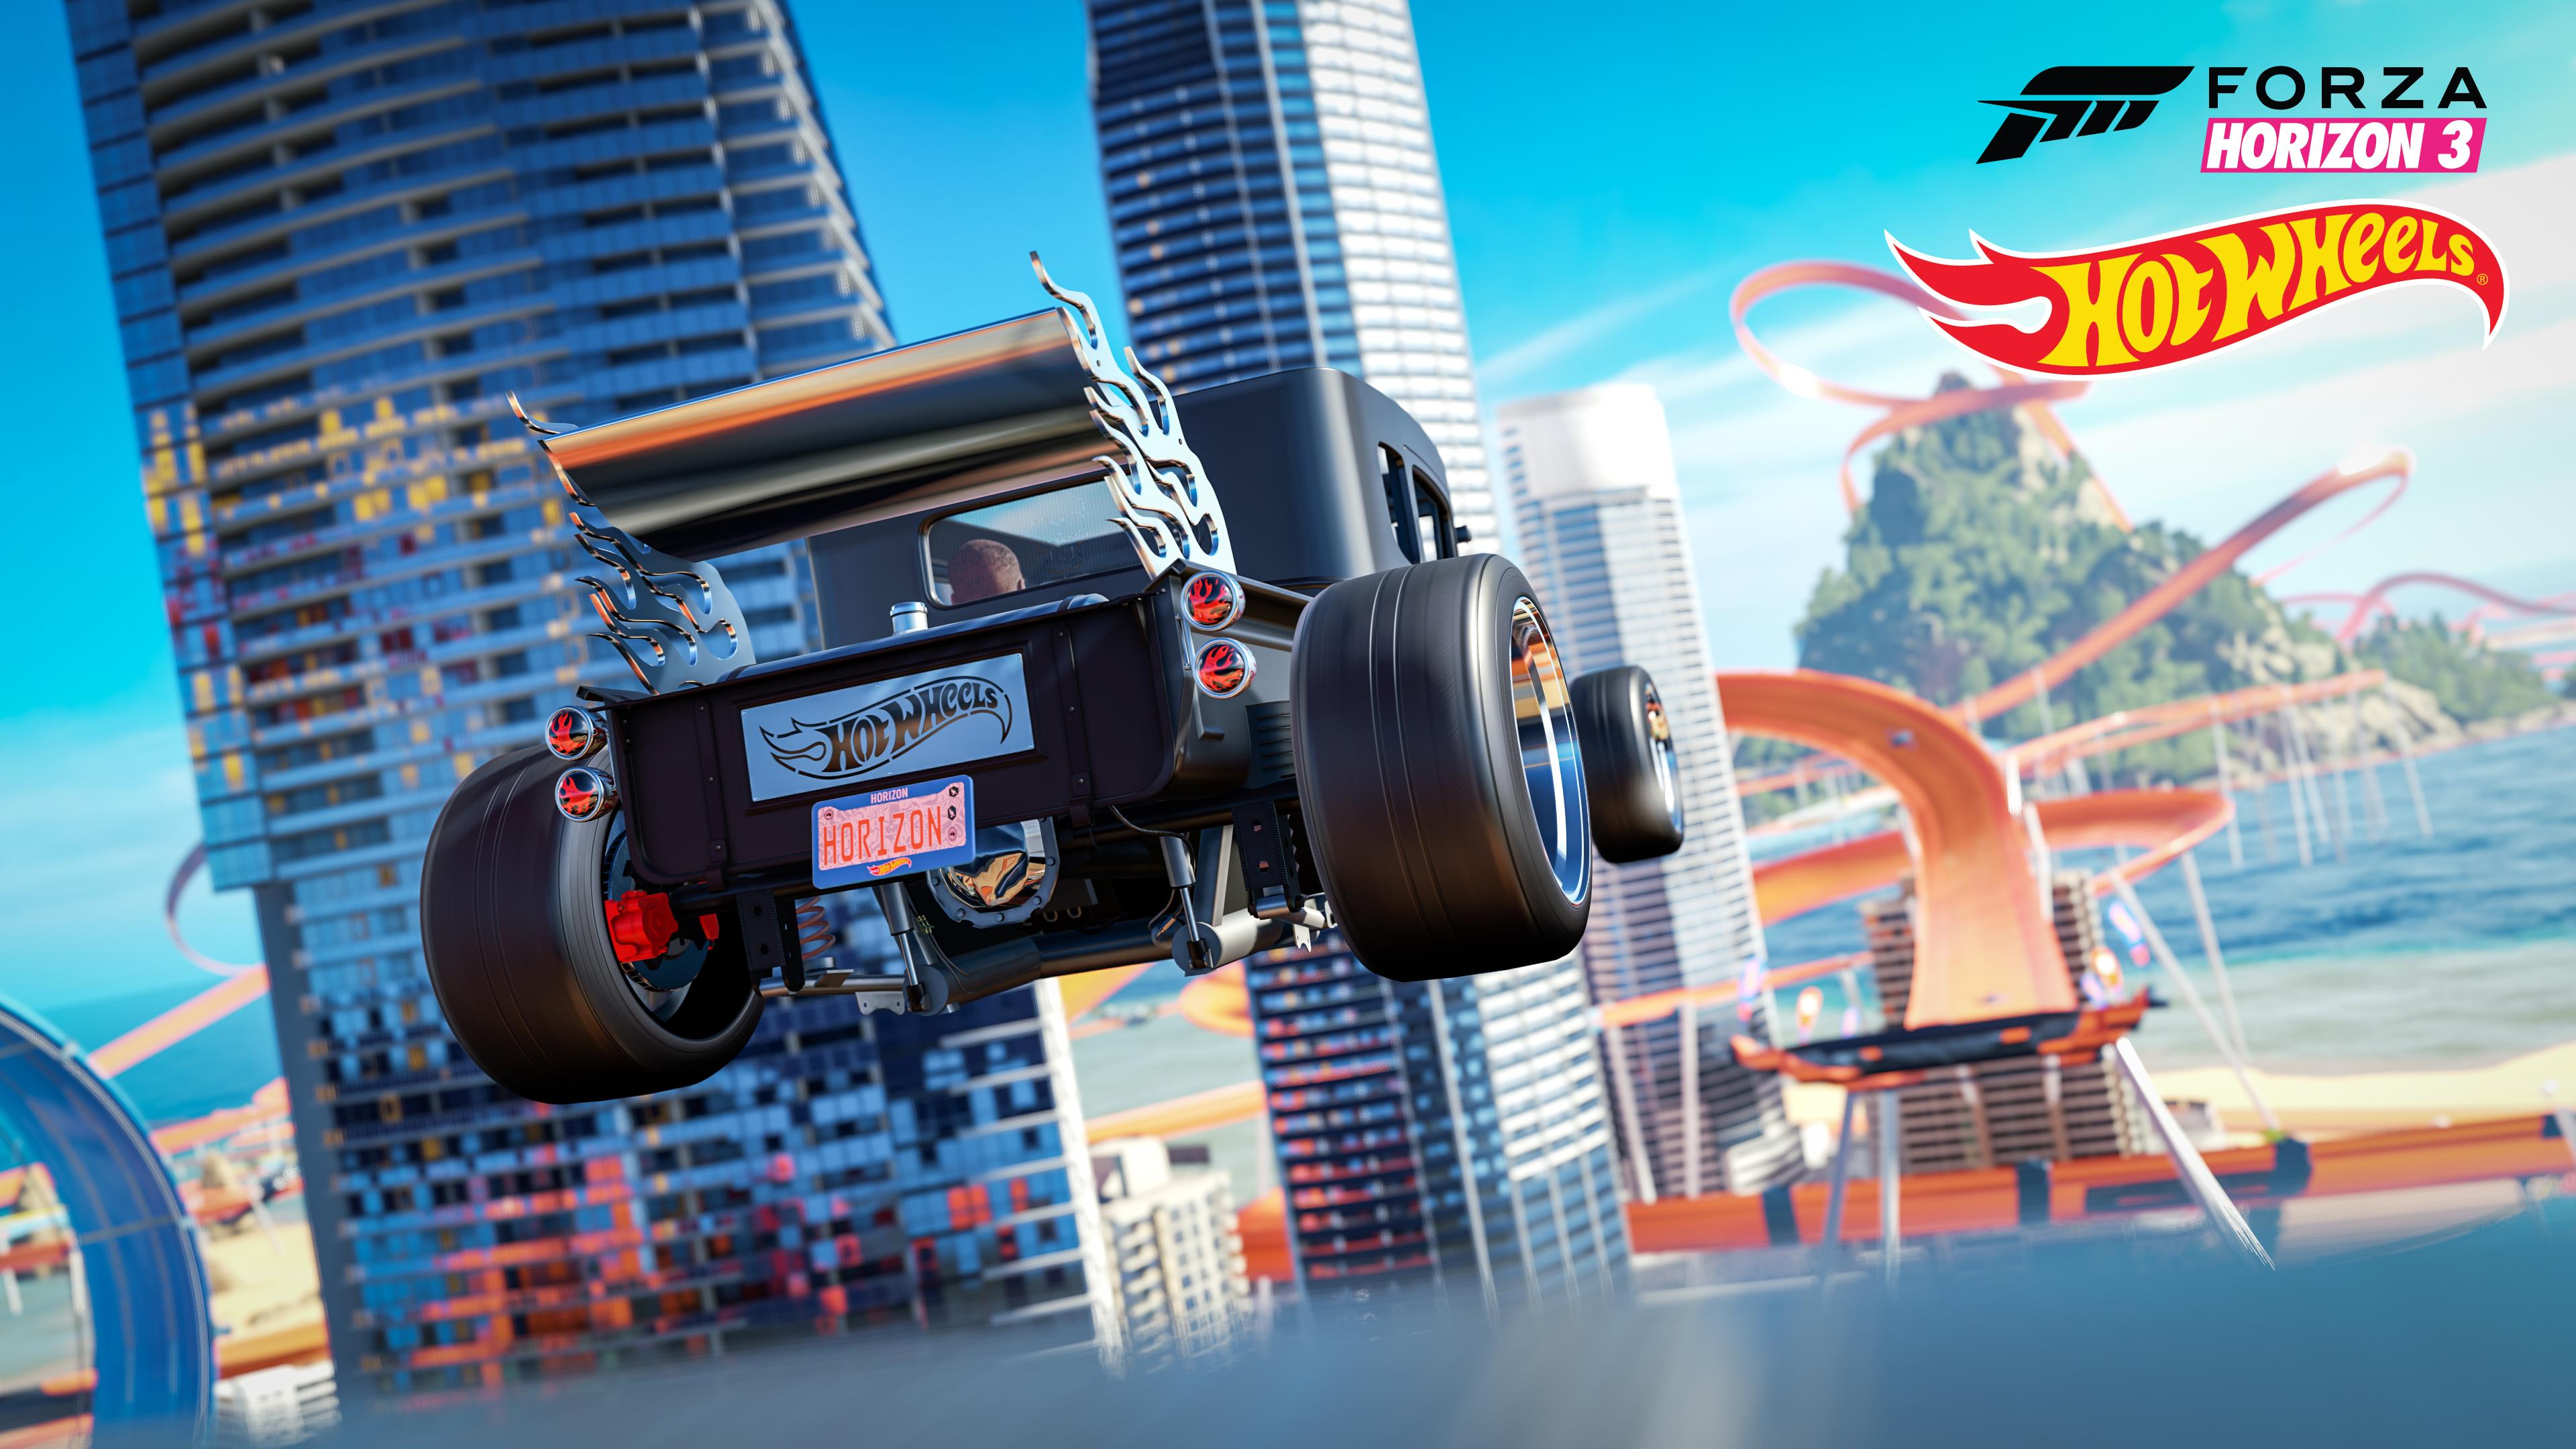 Défiez la gravité à bord de votre bolide de course dans Forza Horizon 3 Hot Wheels